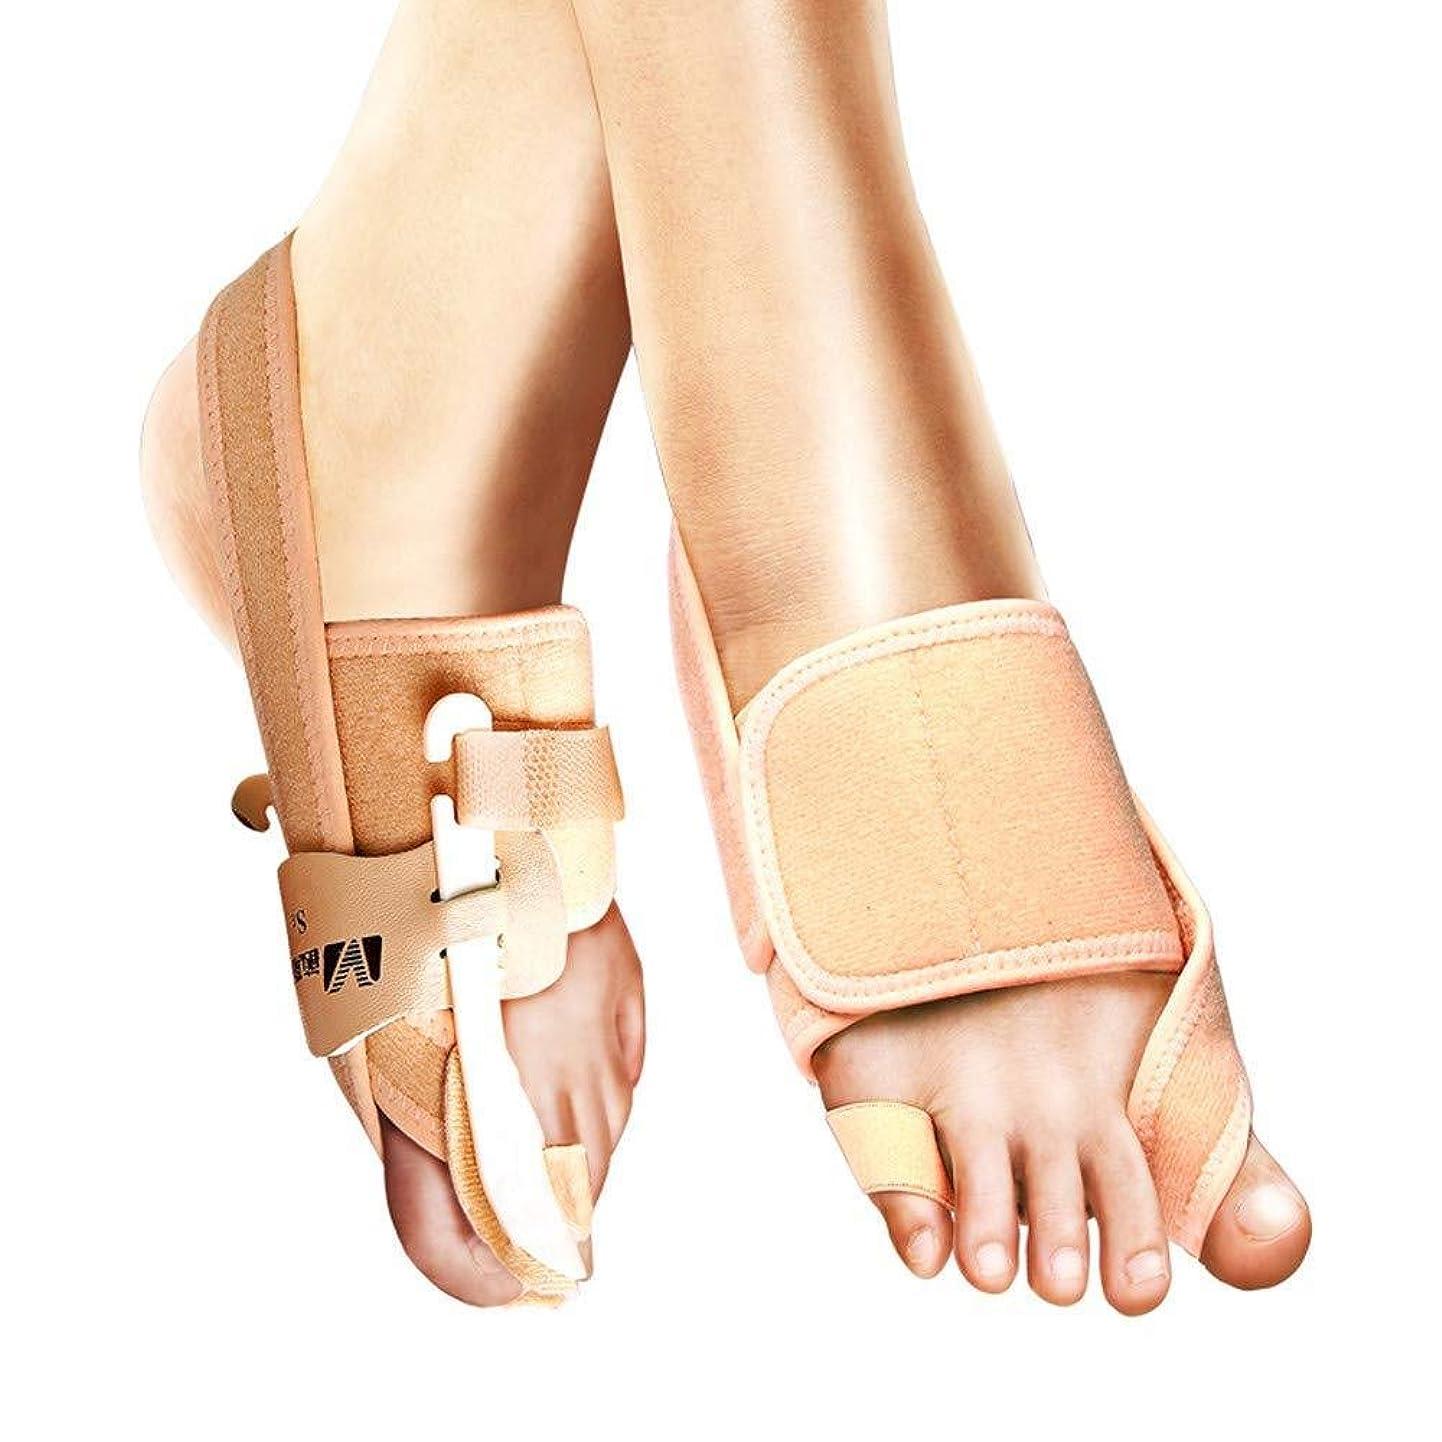 モディッシュ幸運クモ外反母for用の足の親指の矯正、男性と女性用の昼と夜のキット、痛みを和らげるジェルつま先セパレータ,RightFoot-22-24cm